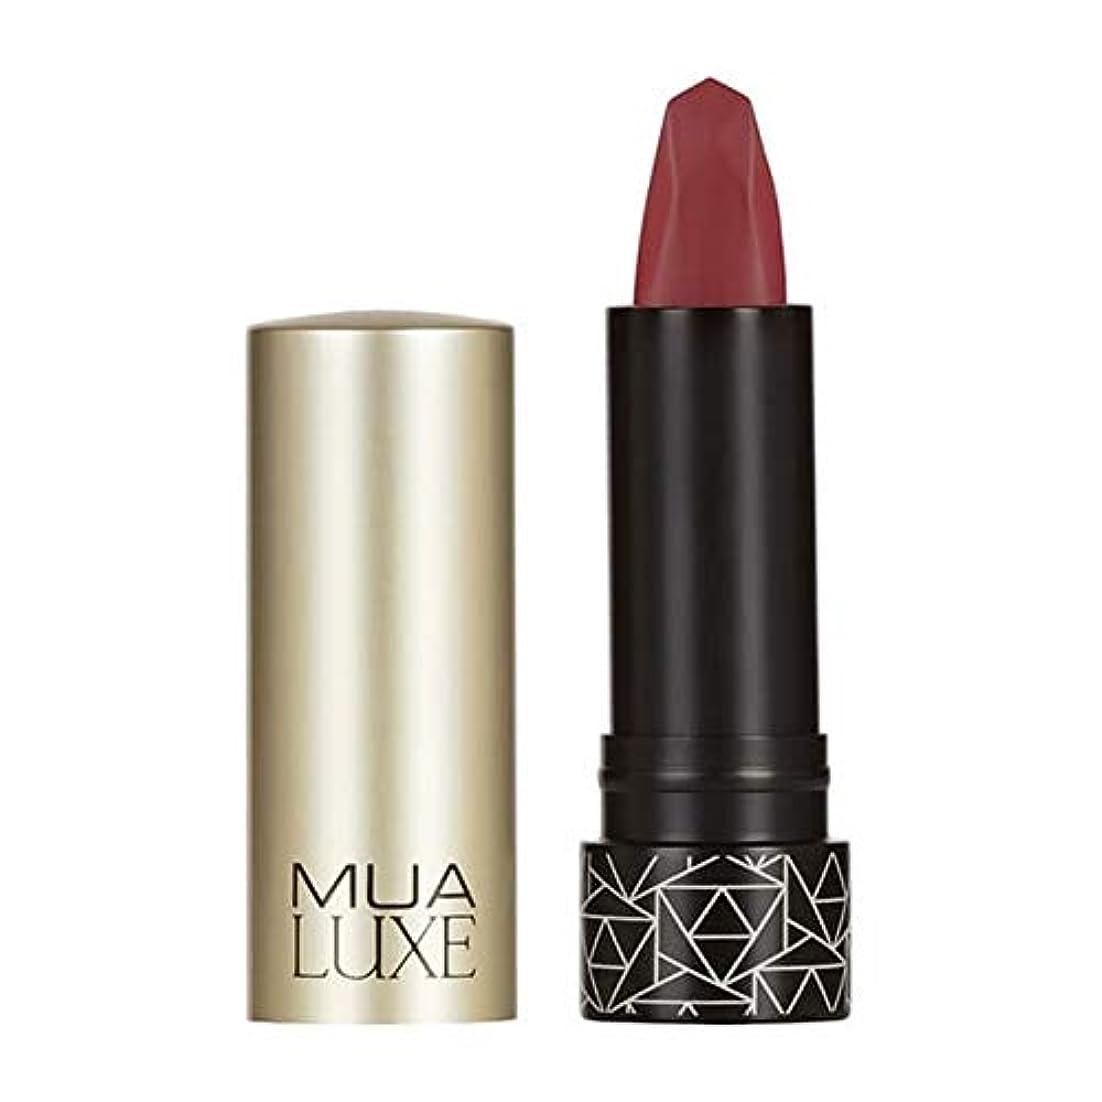 協力する抑制領域[MUA] Muaラックスベルベットマットリップスティック#5 - MUA Luxe Velvet Matte Lipstick #5 [並行輸入品]